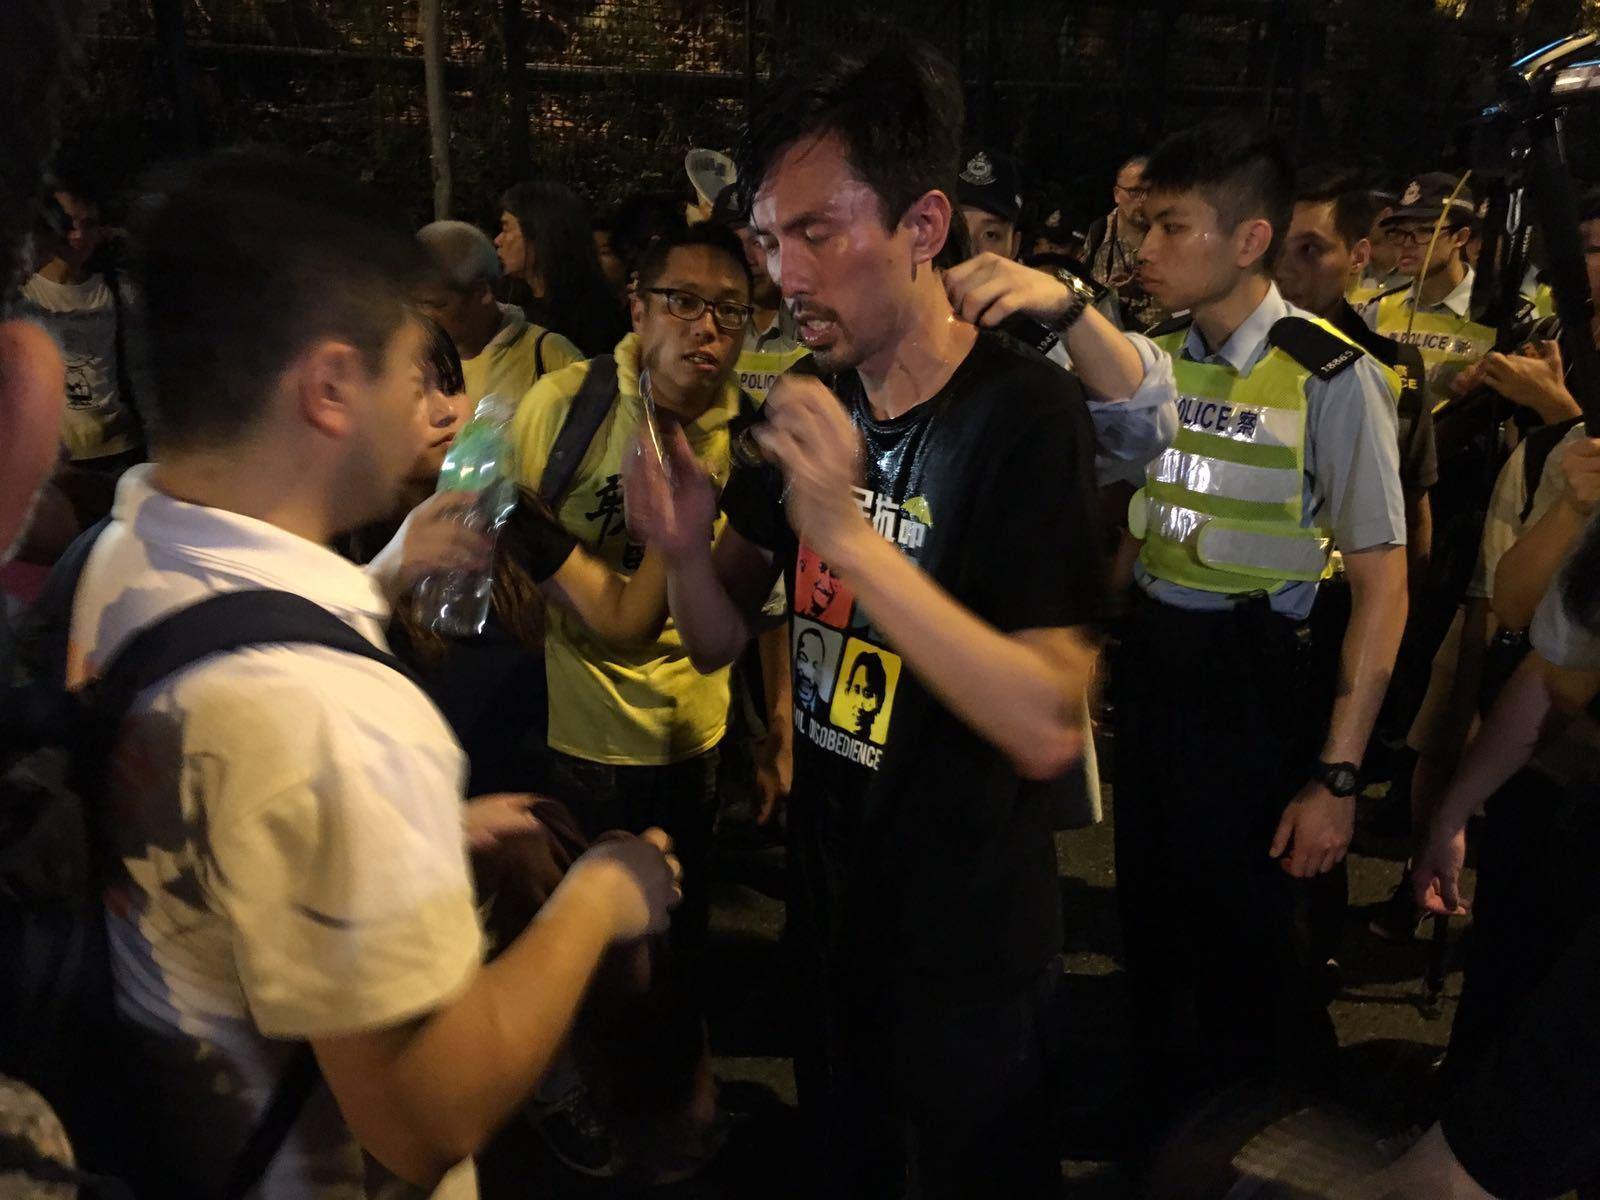 社民連主席吳文遠被胡椒擊中。(孫青天/大紀元)